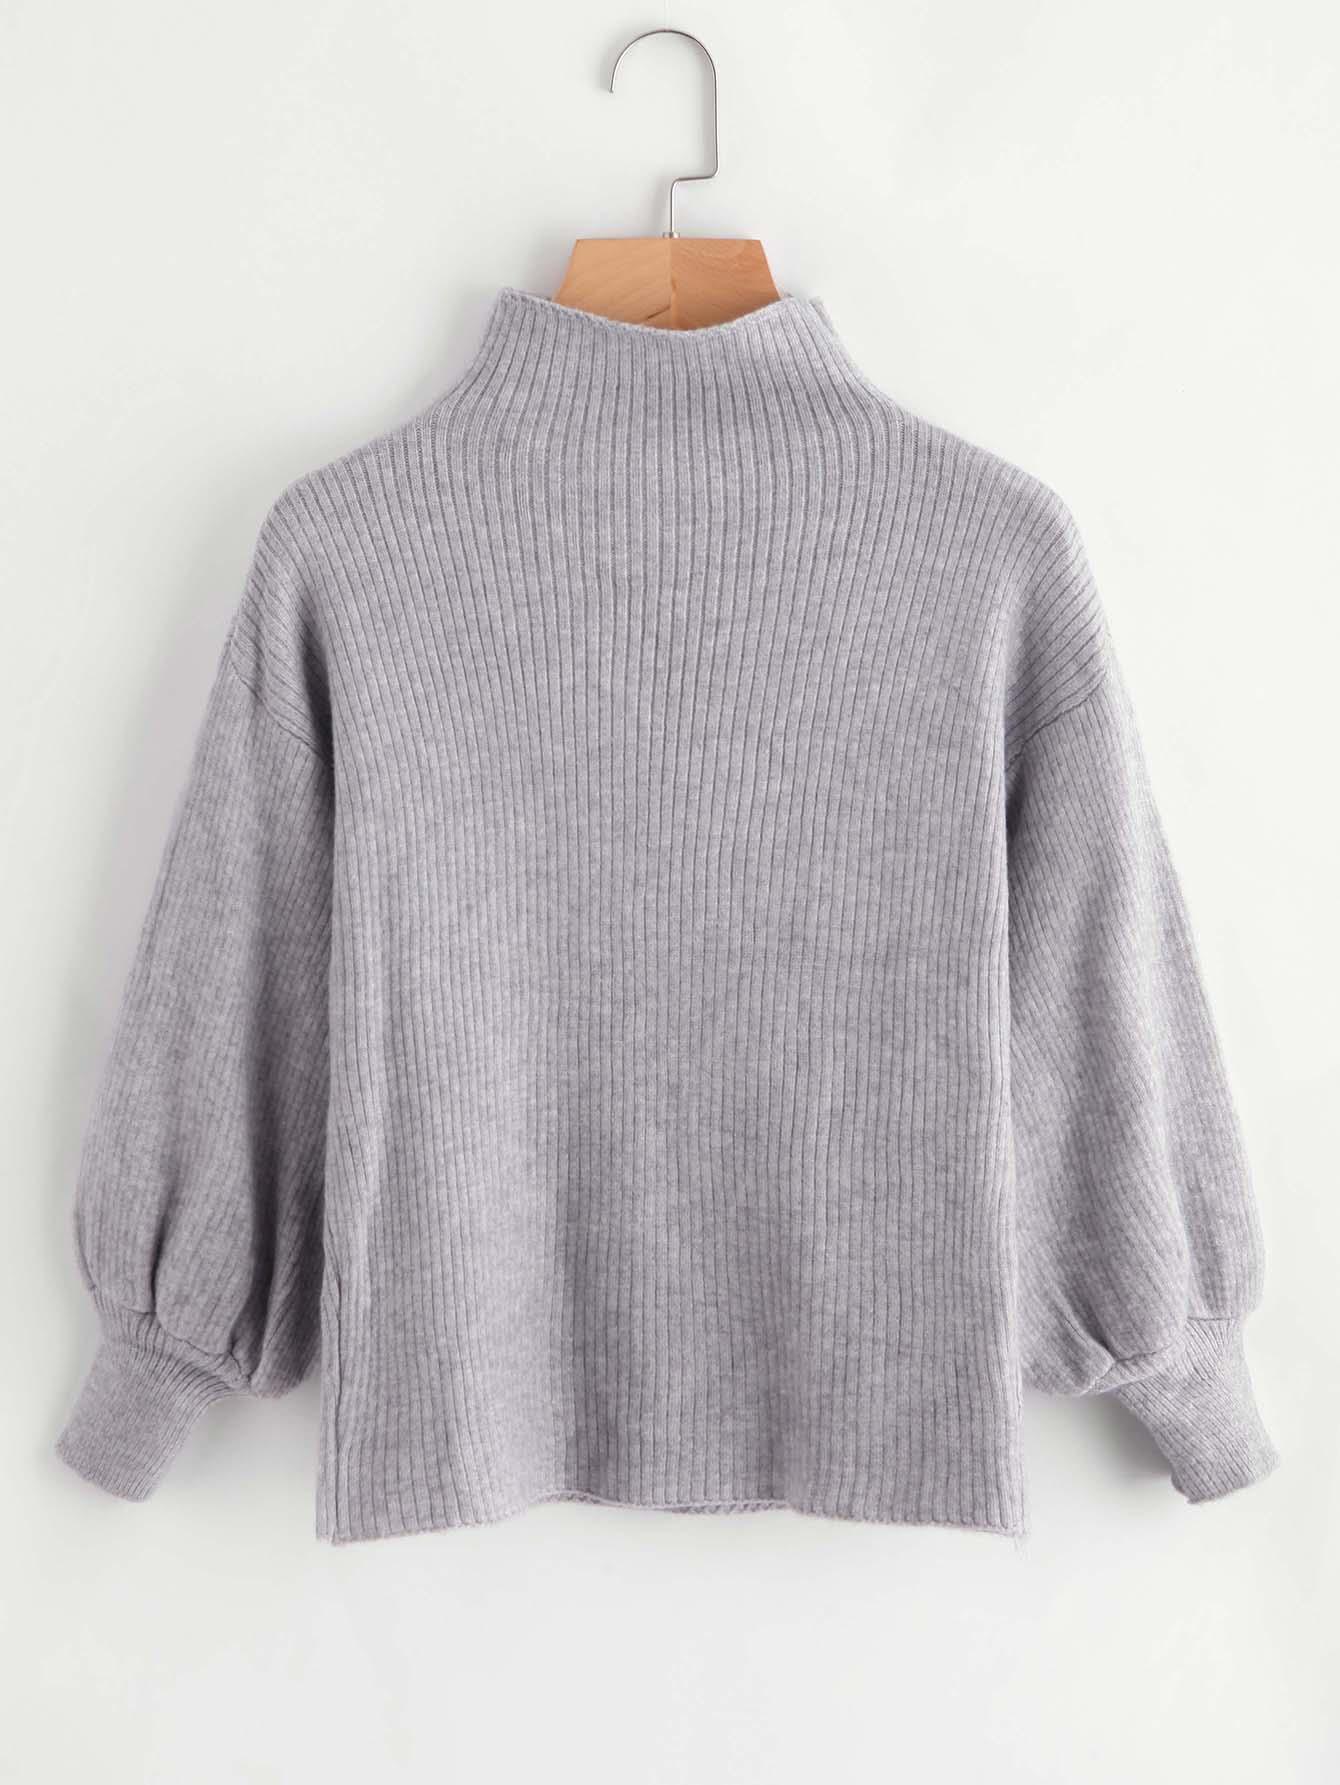 Drop Shoulder Lantern Sleeve Ribbed Sweater rkni171012151